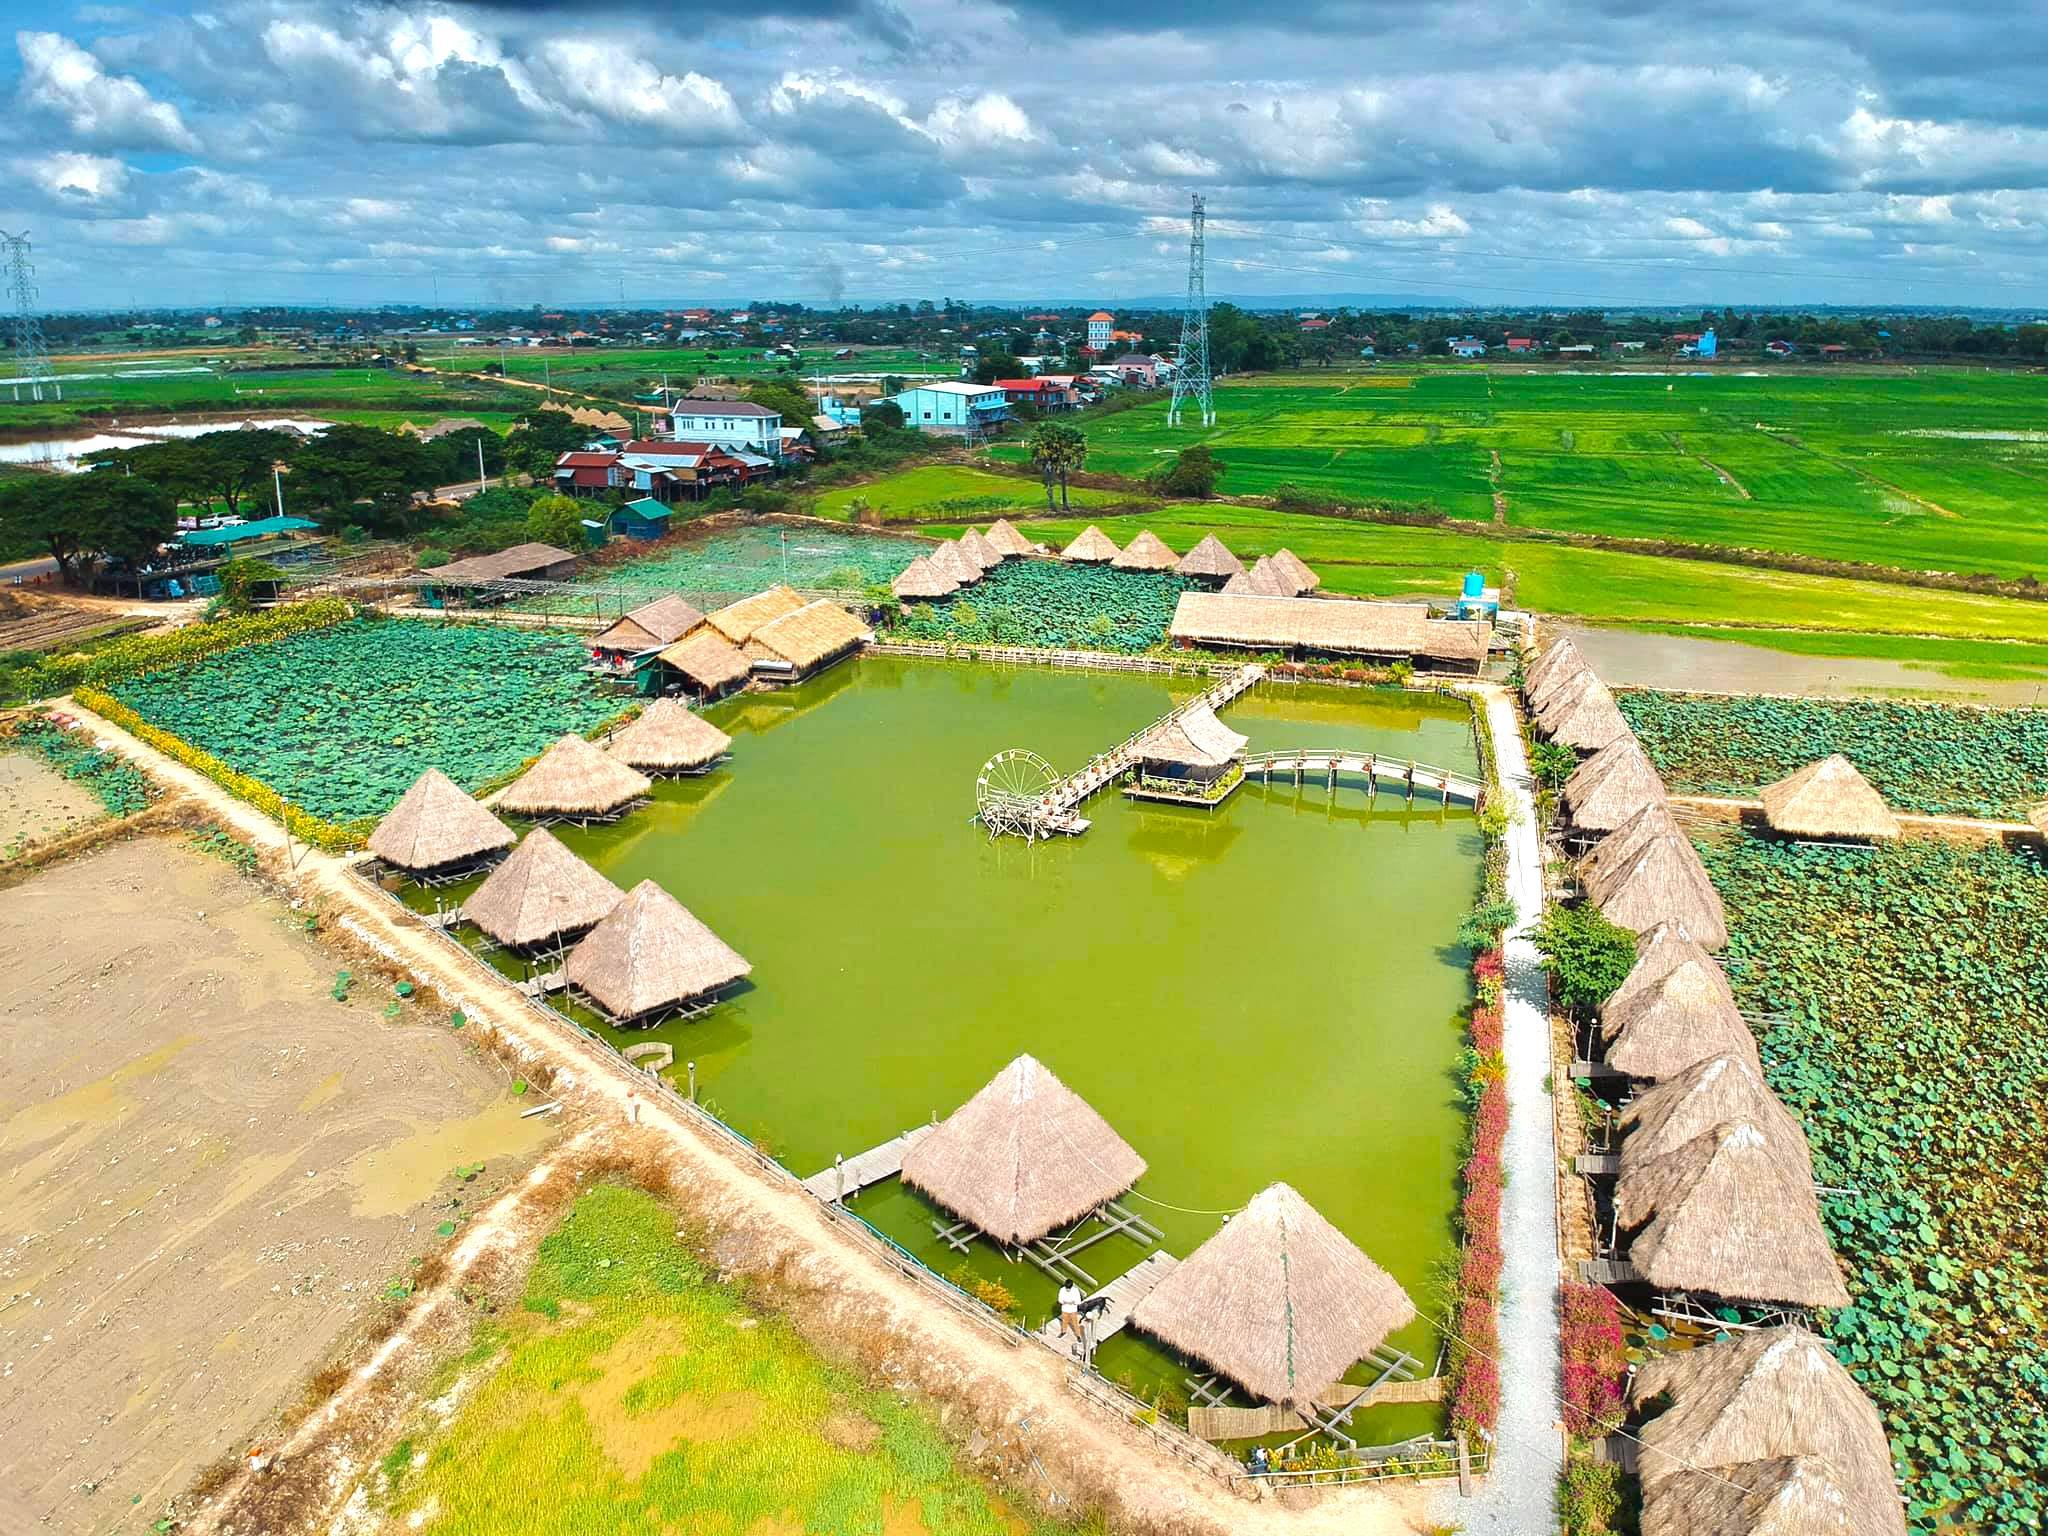 Chomka Chhouk Phnom Krom